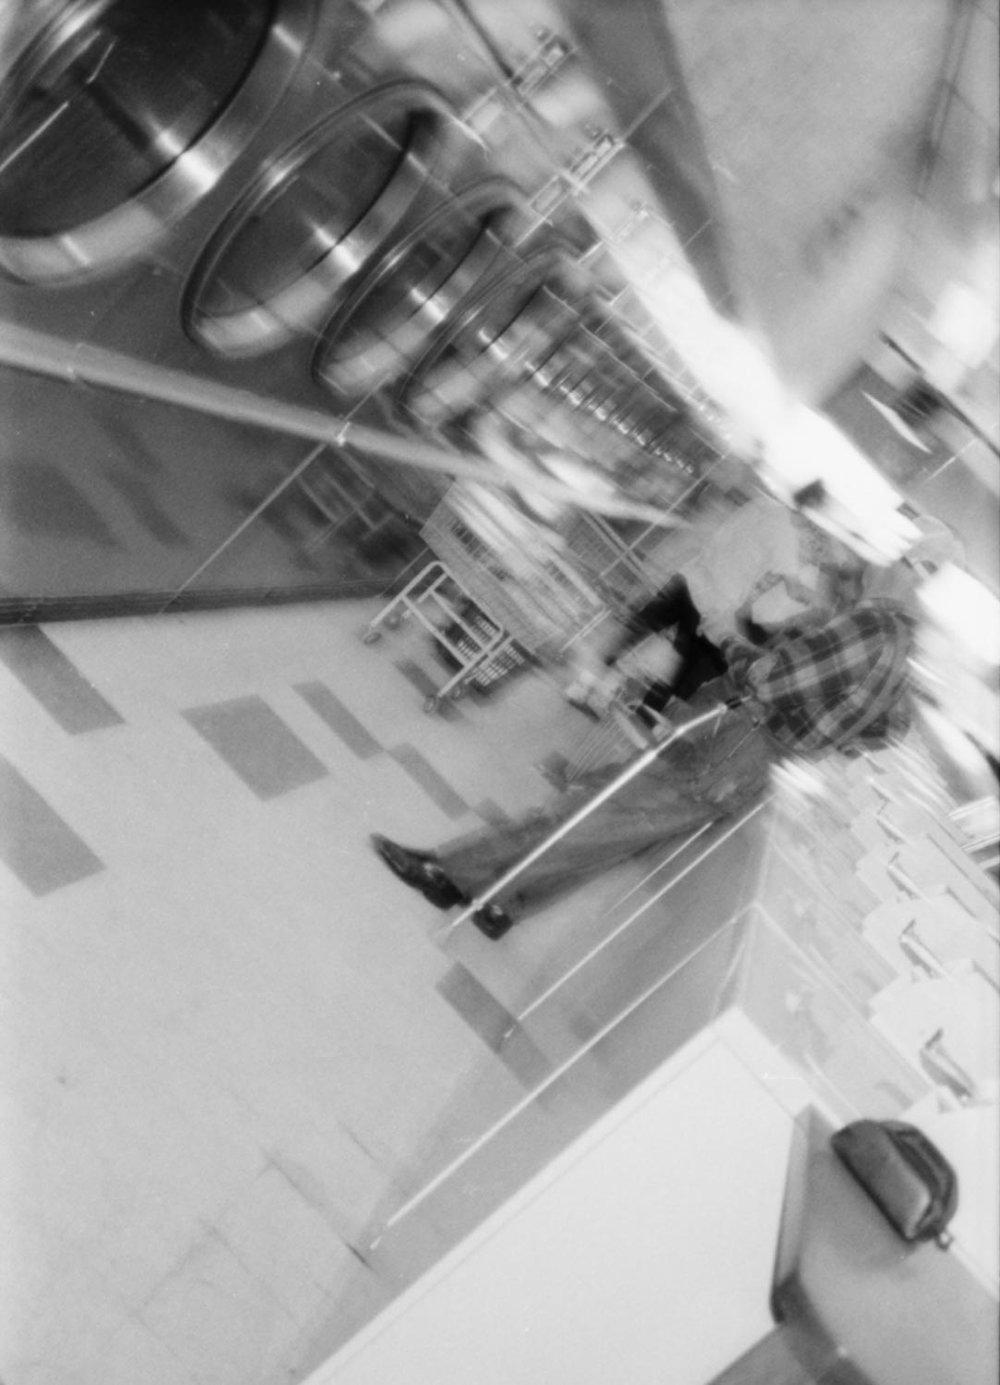 BTV_Roadtrip_Laundromat01.jpg